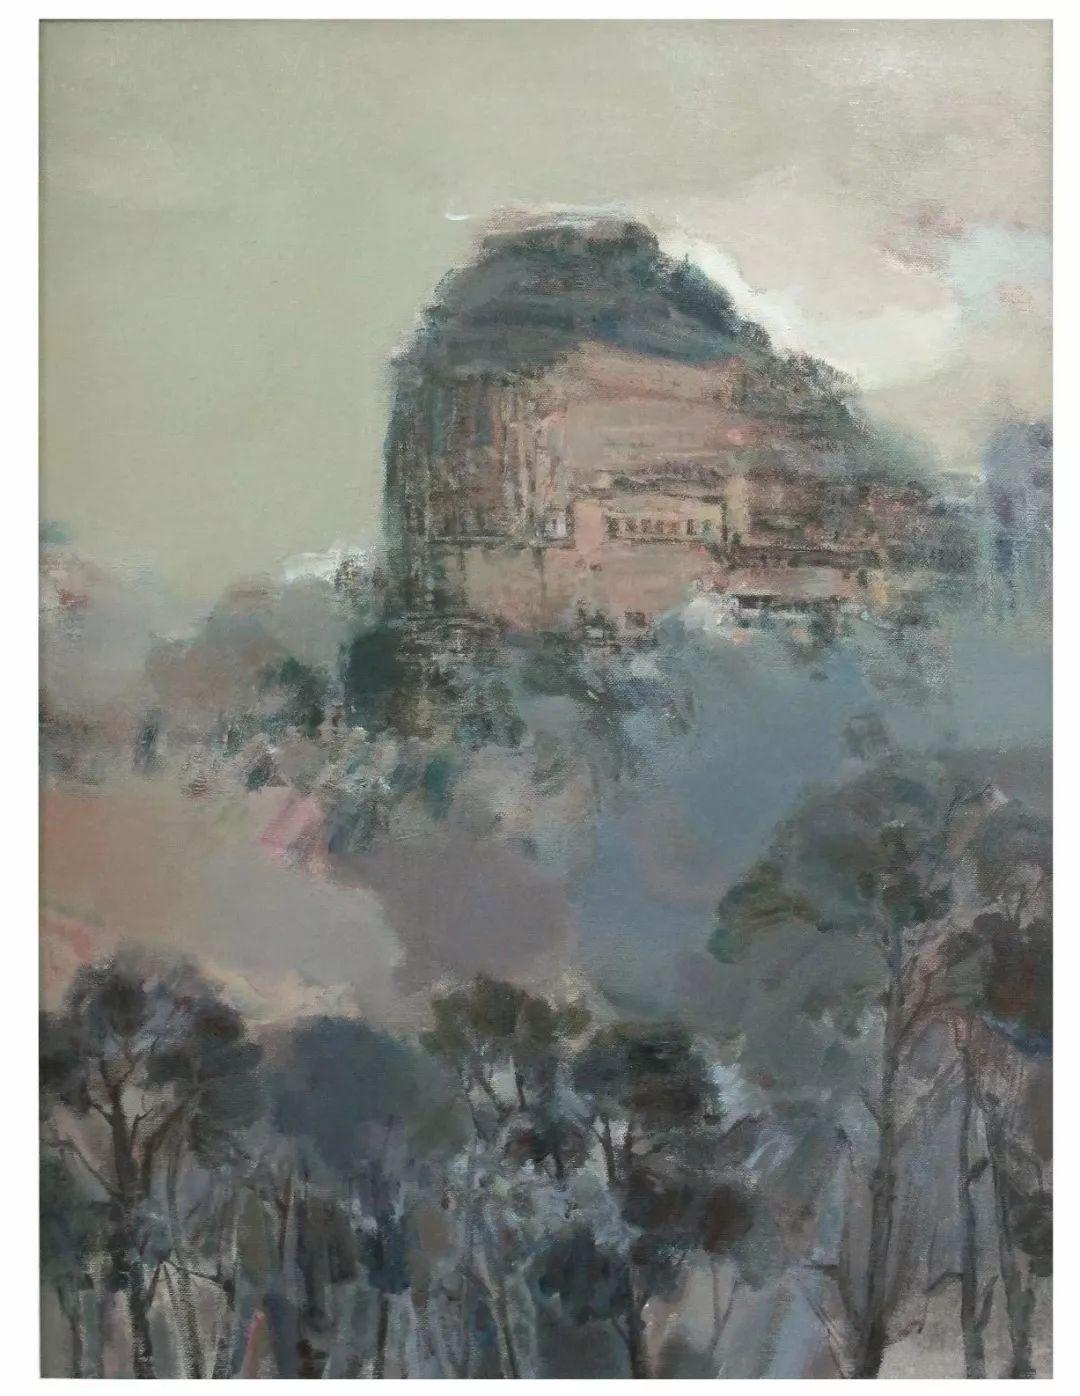 蒙古族画家达林太作品欣赏 第20张